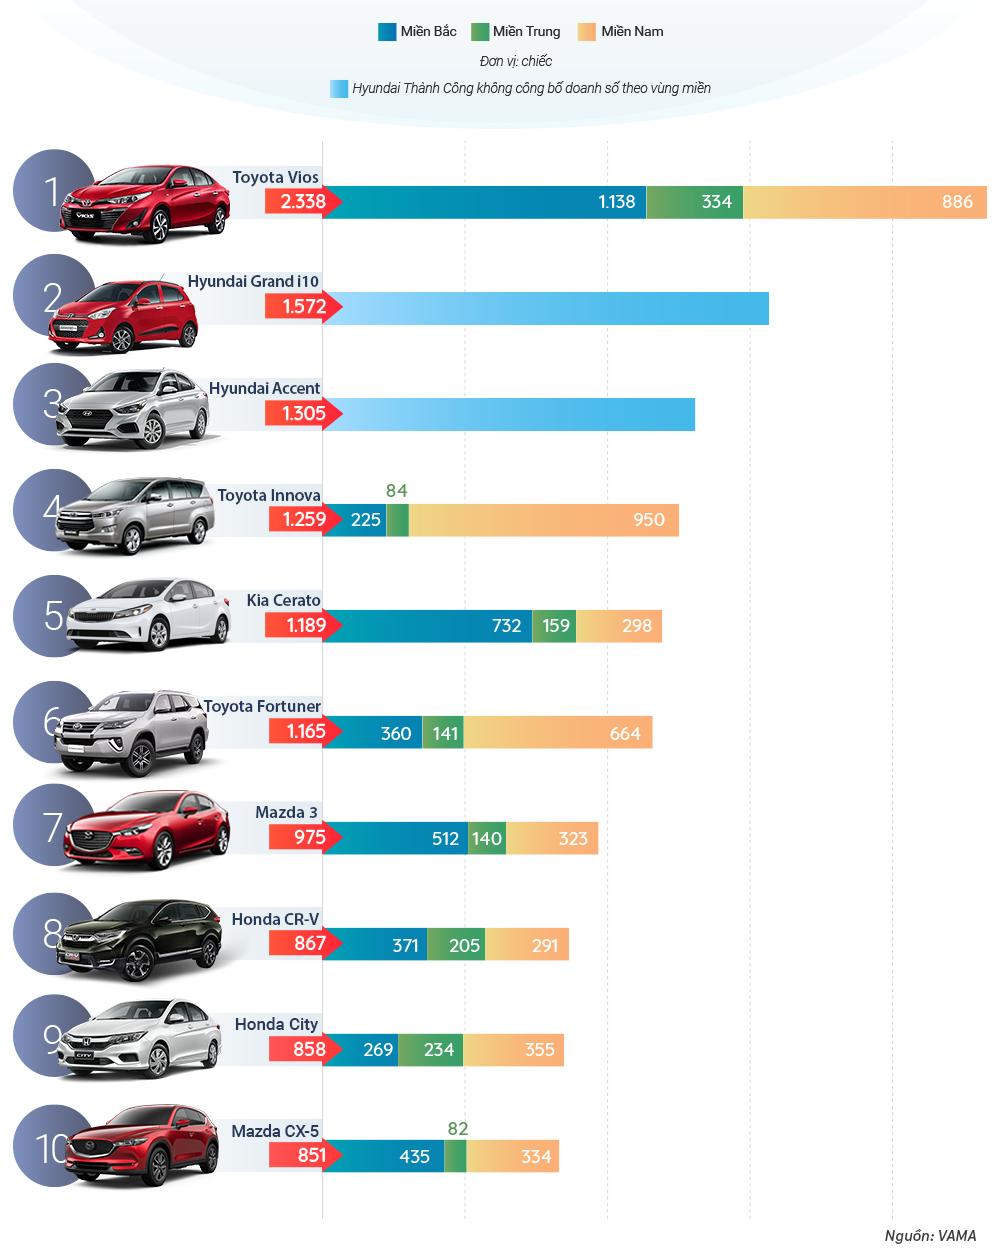 Toàn cảnh thị trường ô tô tháng 9/2018 tại Việt Nam